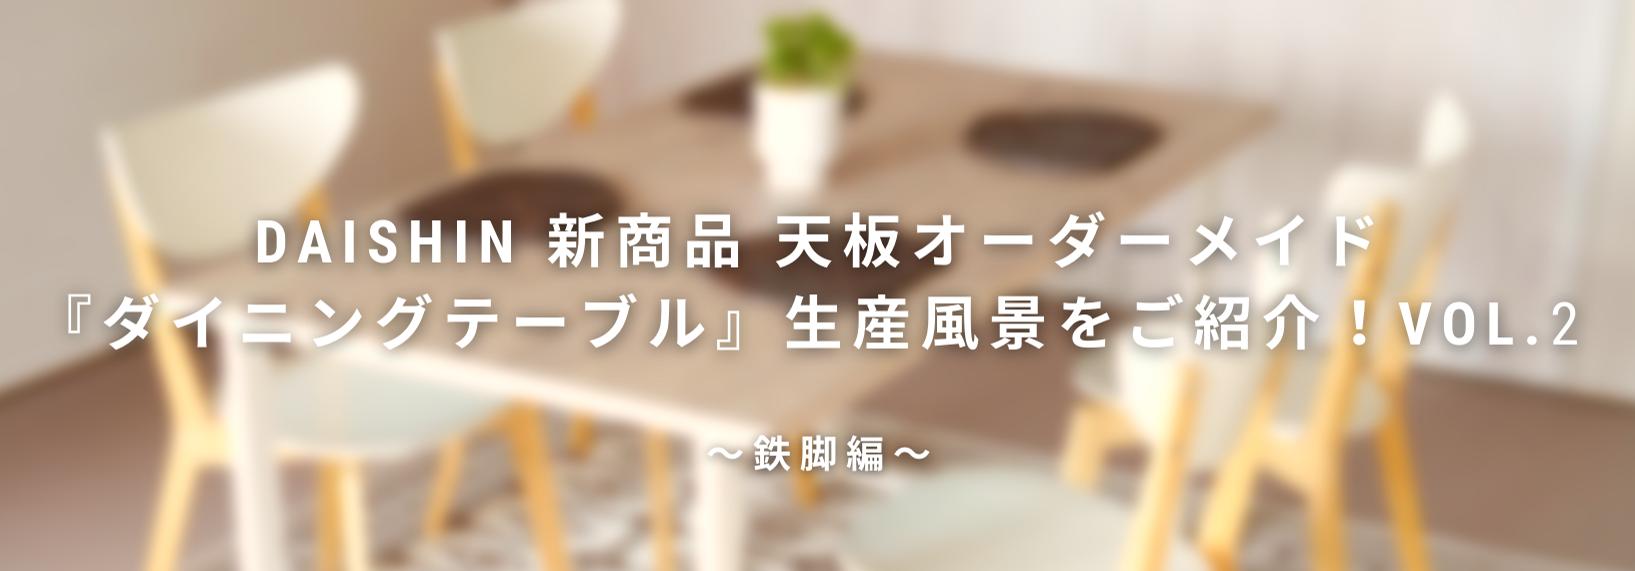 新商品 天板オーダーメイド『ダイニングテーブル』の生産風景をご紹介!vol.2 ~鉄脚編~